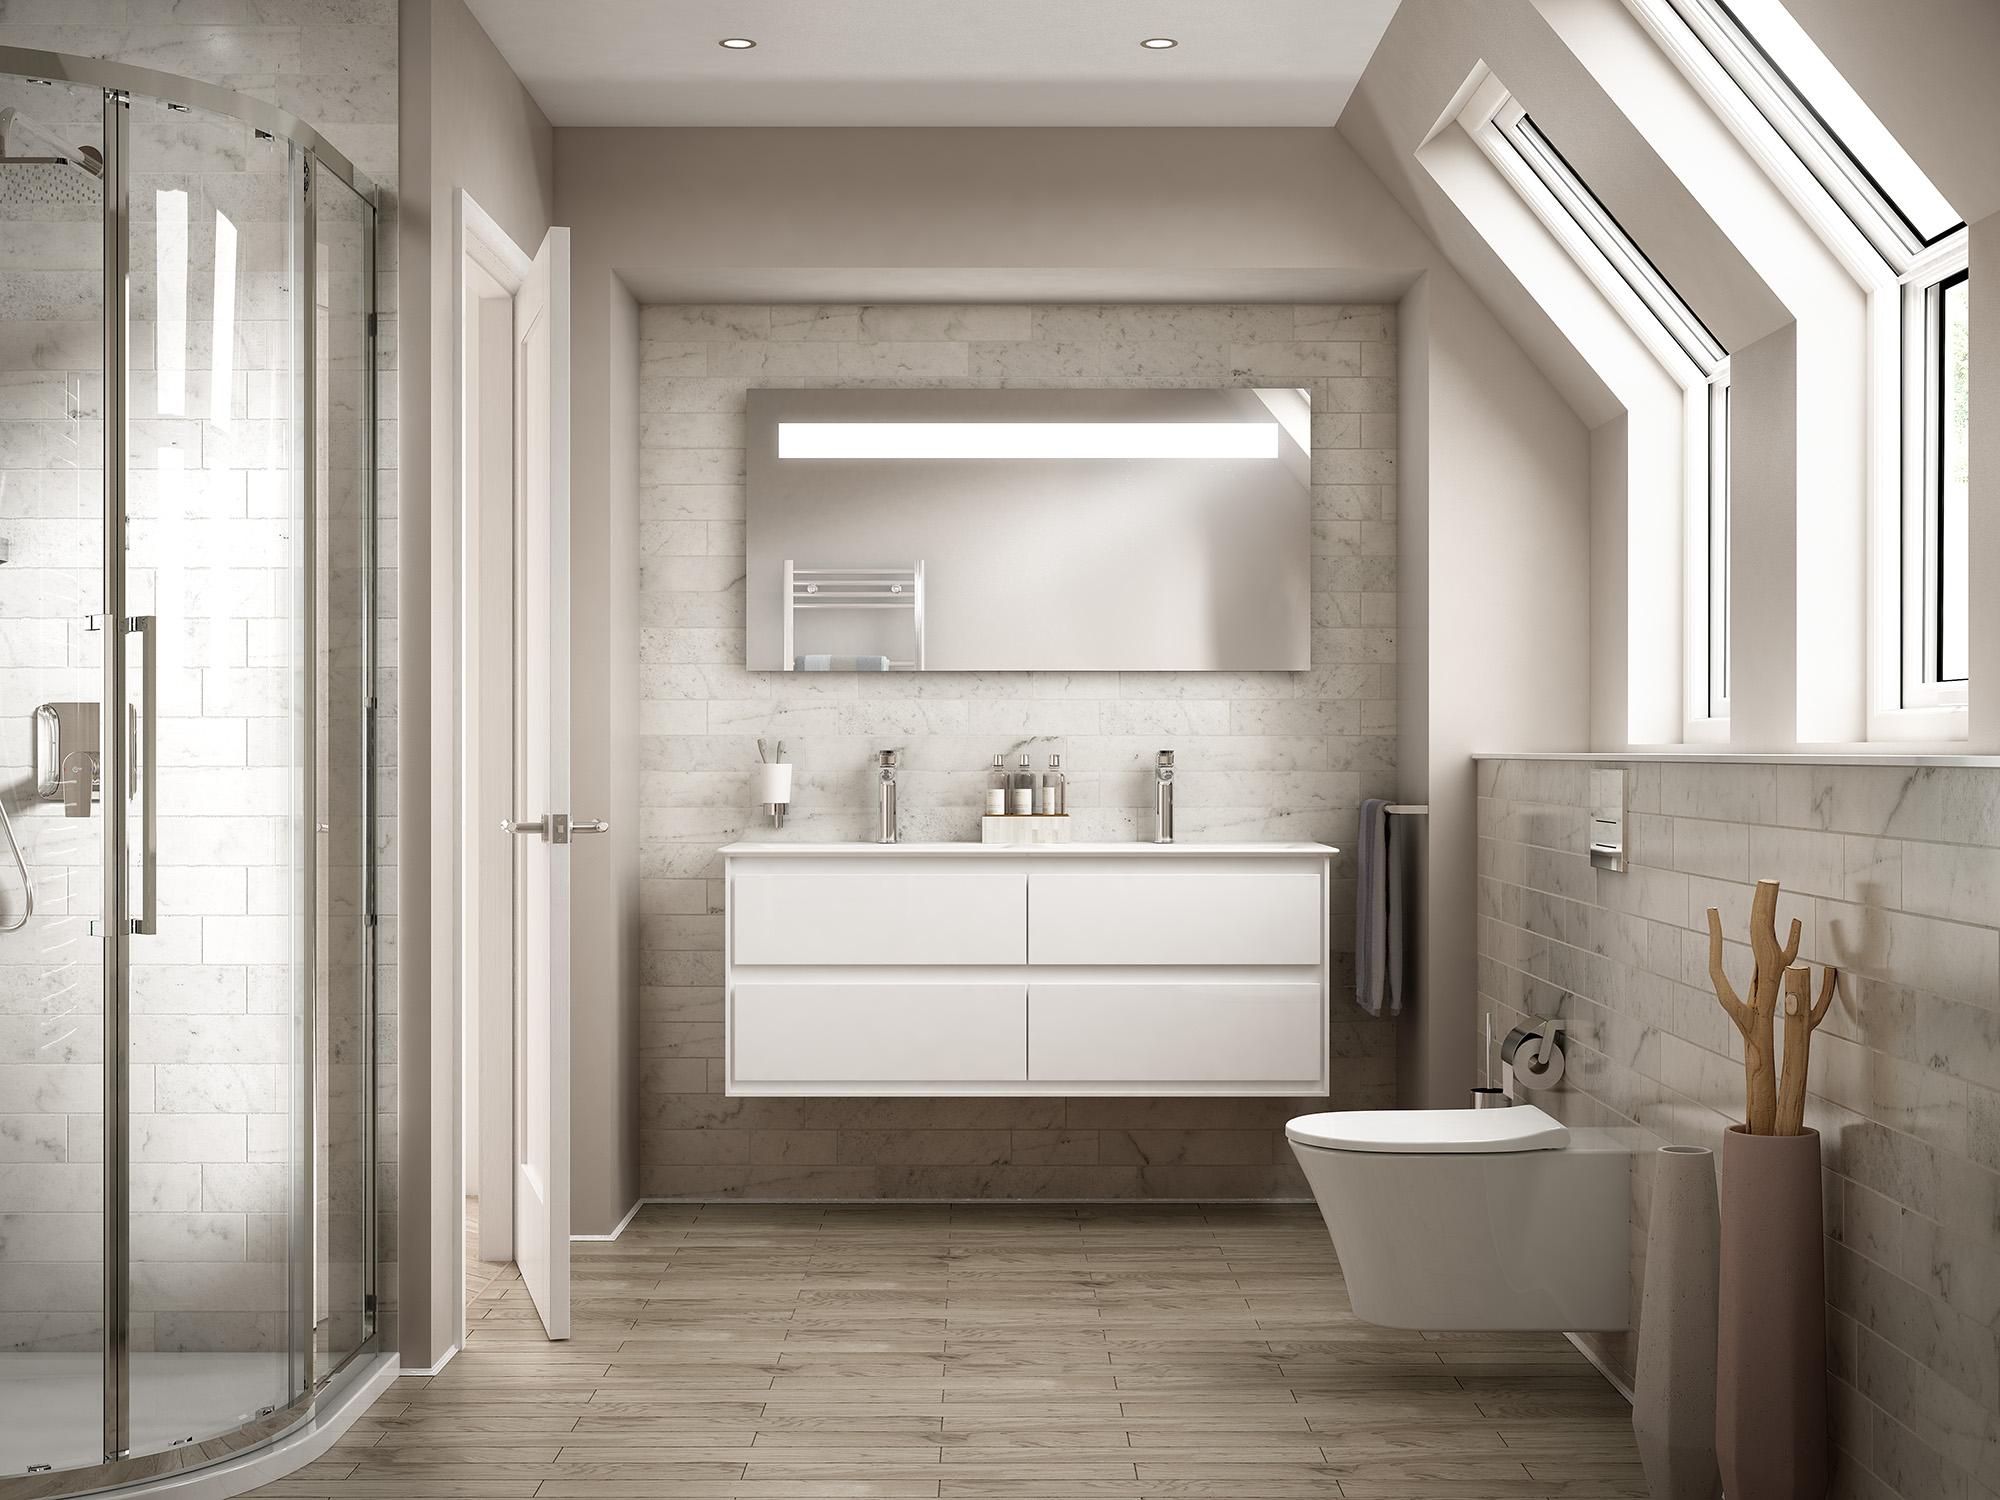 Festpreisbad Badideen Gemütliches Badezimmer in Beige 03